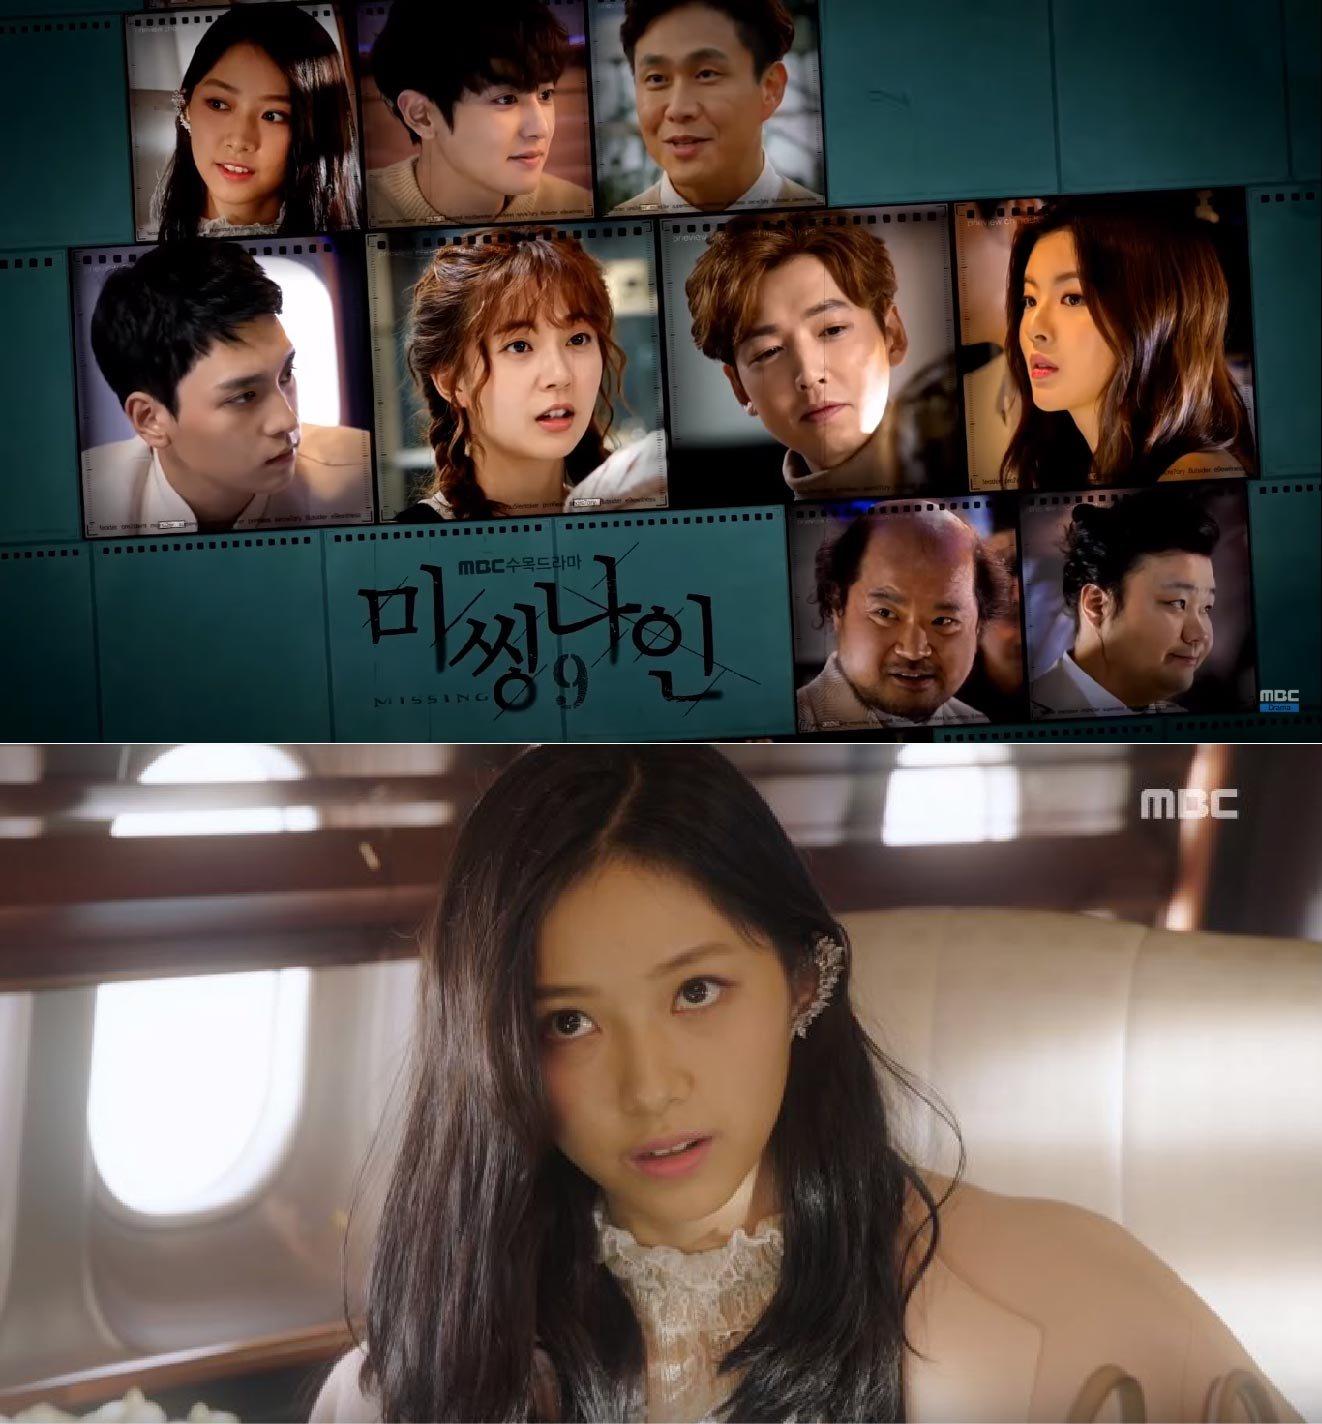 雖然目前作品不多,但柳垣有在2017年出演懸疑劇《missing 9》(EXO燦烈也有出演喔),飾演韓流大明星~ 希望之後可以多多看到這位超級大美女的作品喔~